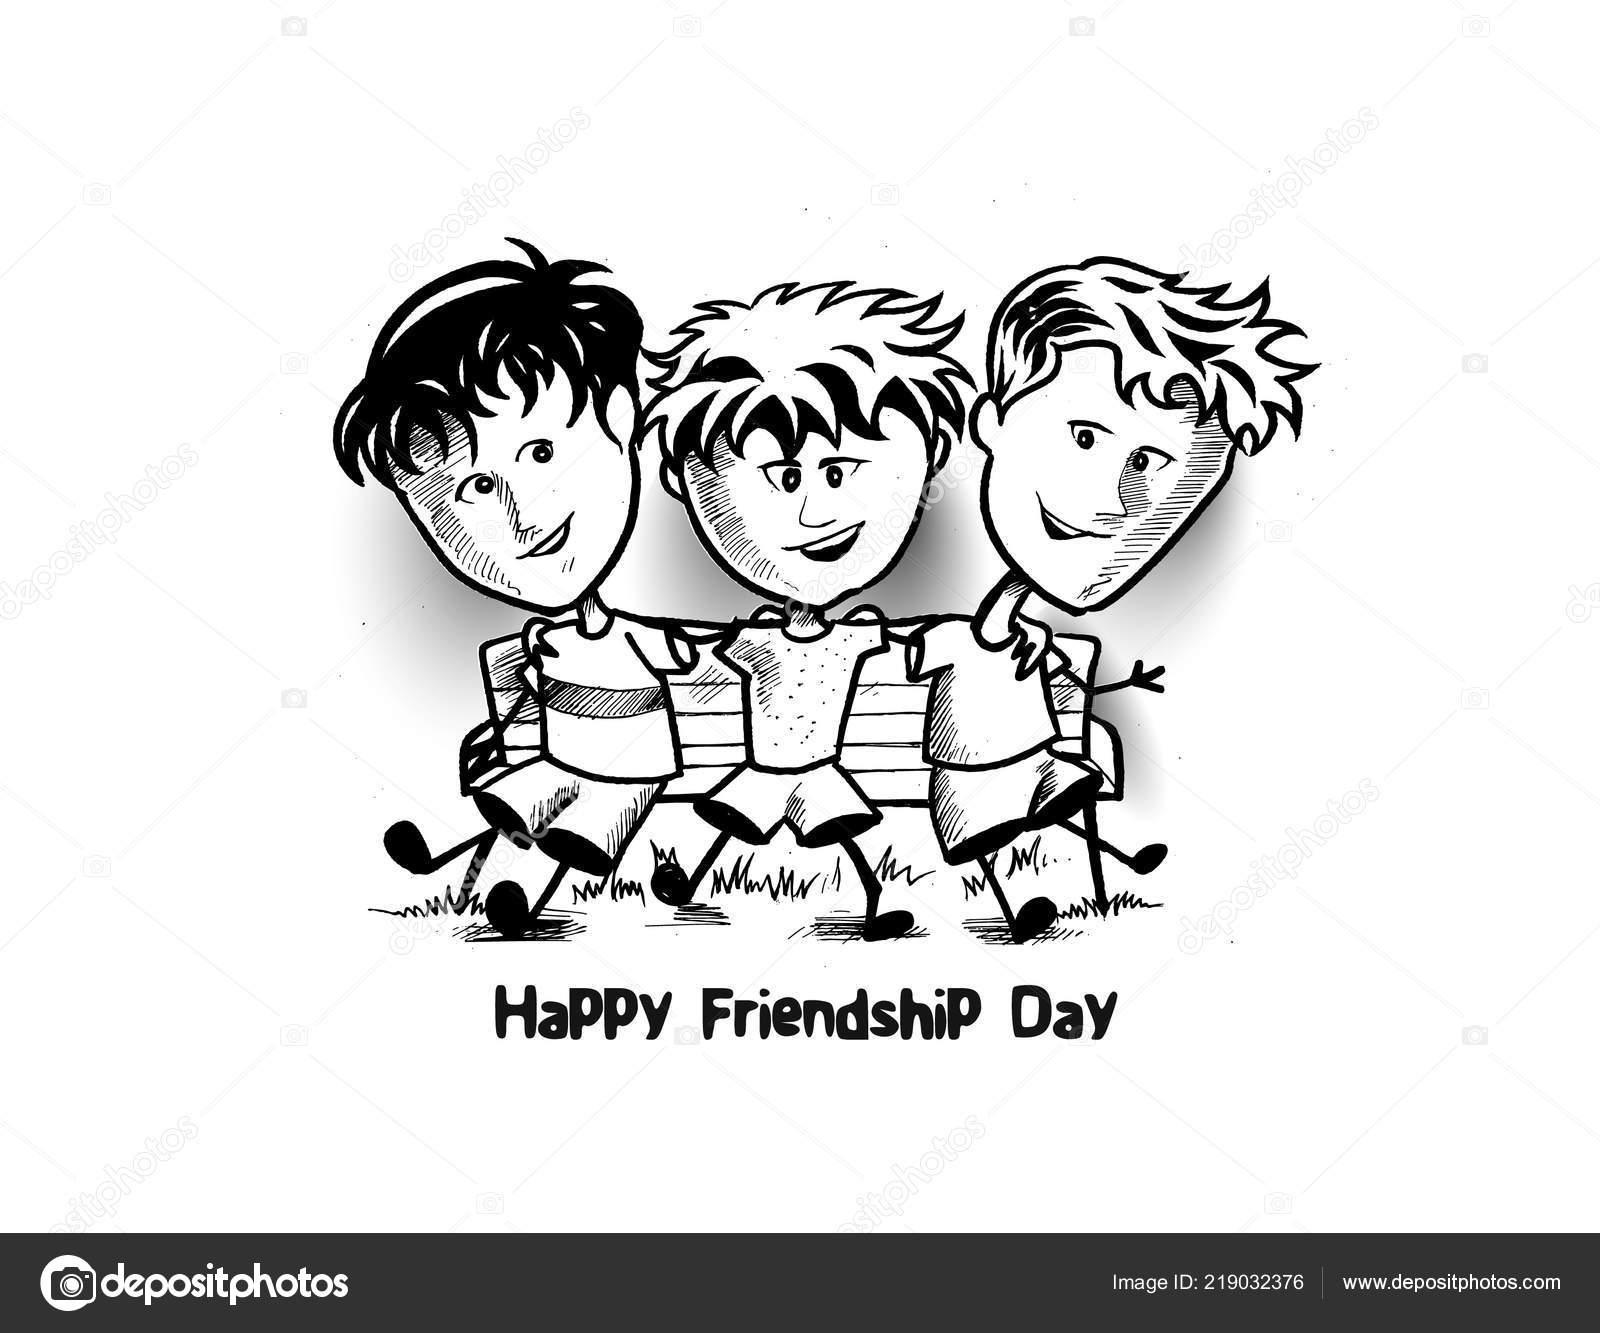 Amitié Dessin groupe amis heureux appréciant journée amitié dessin animé hand